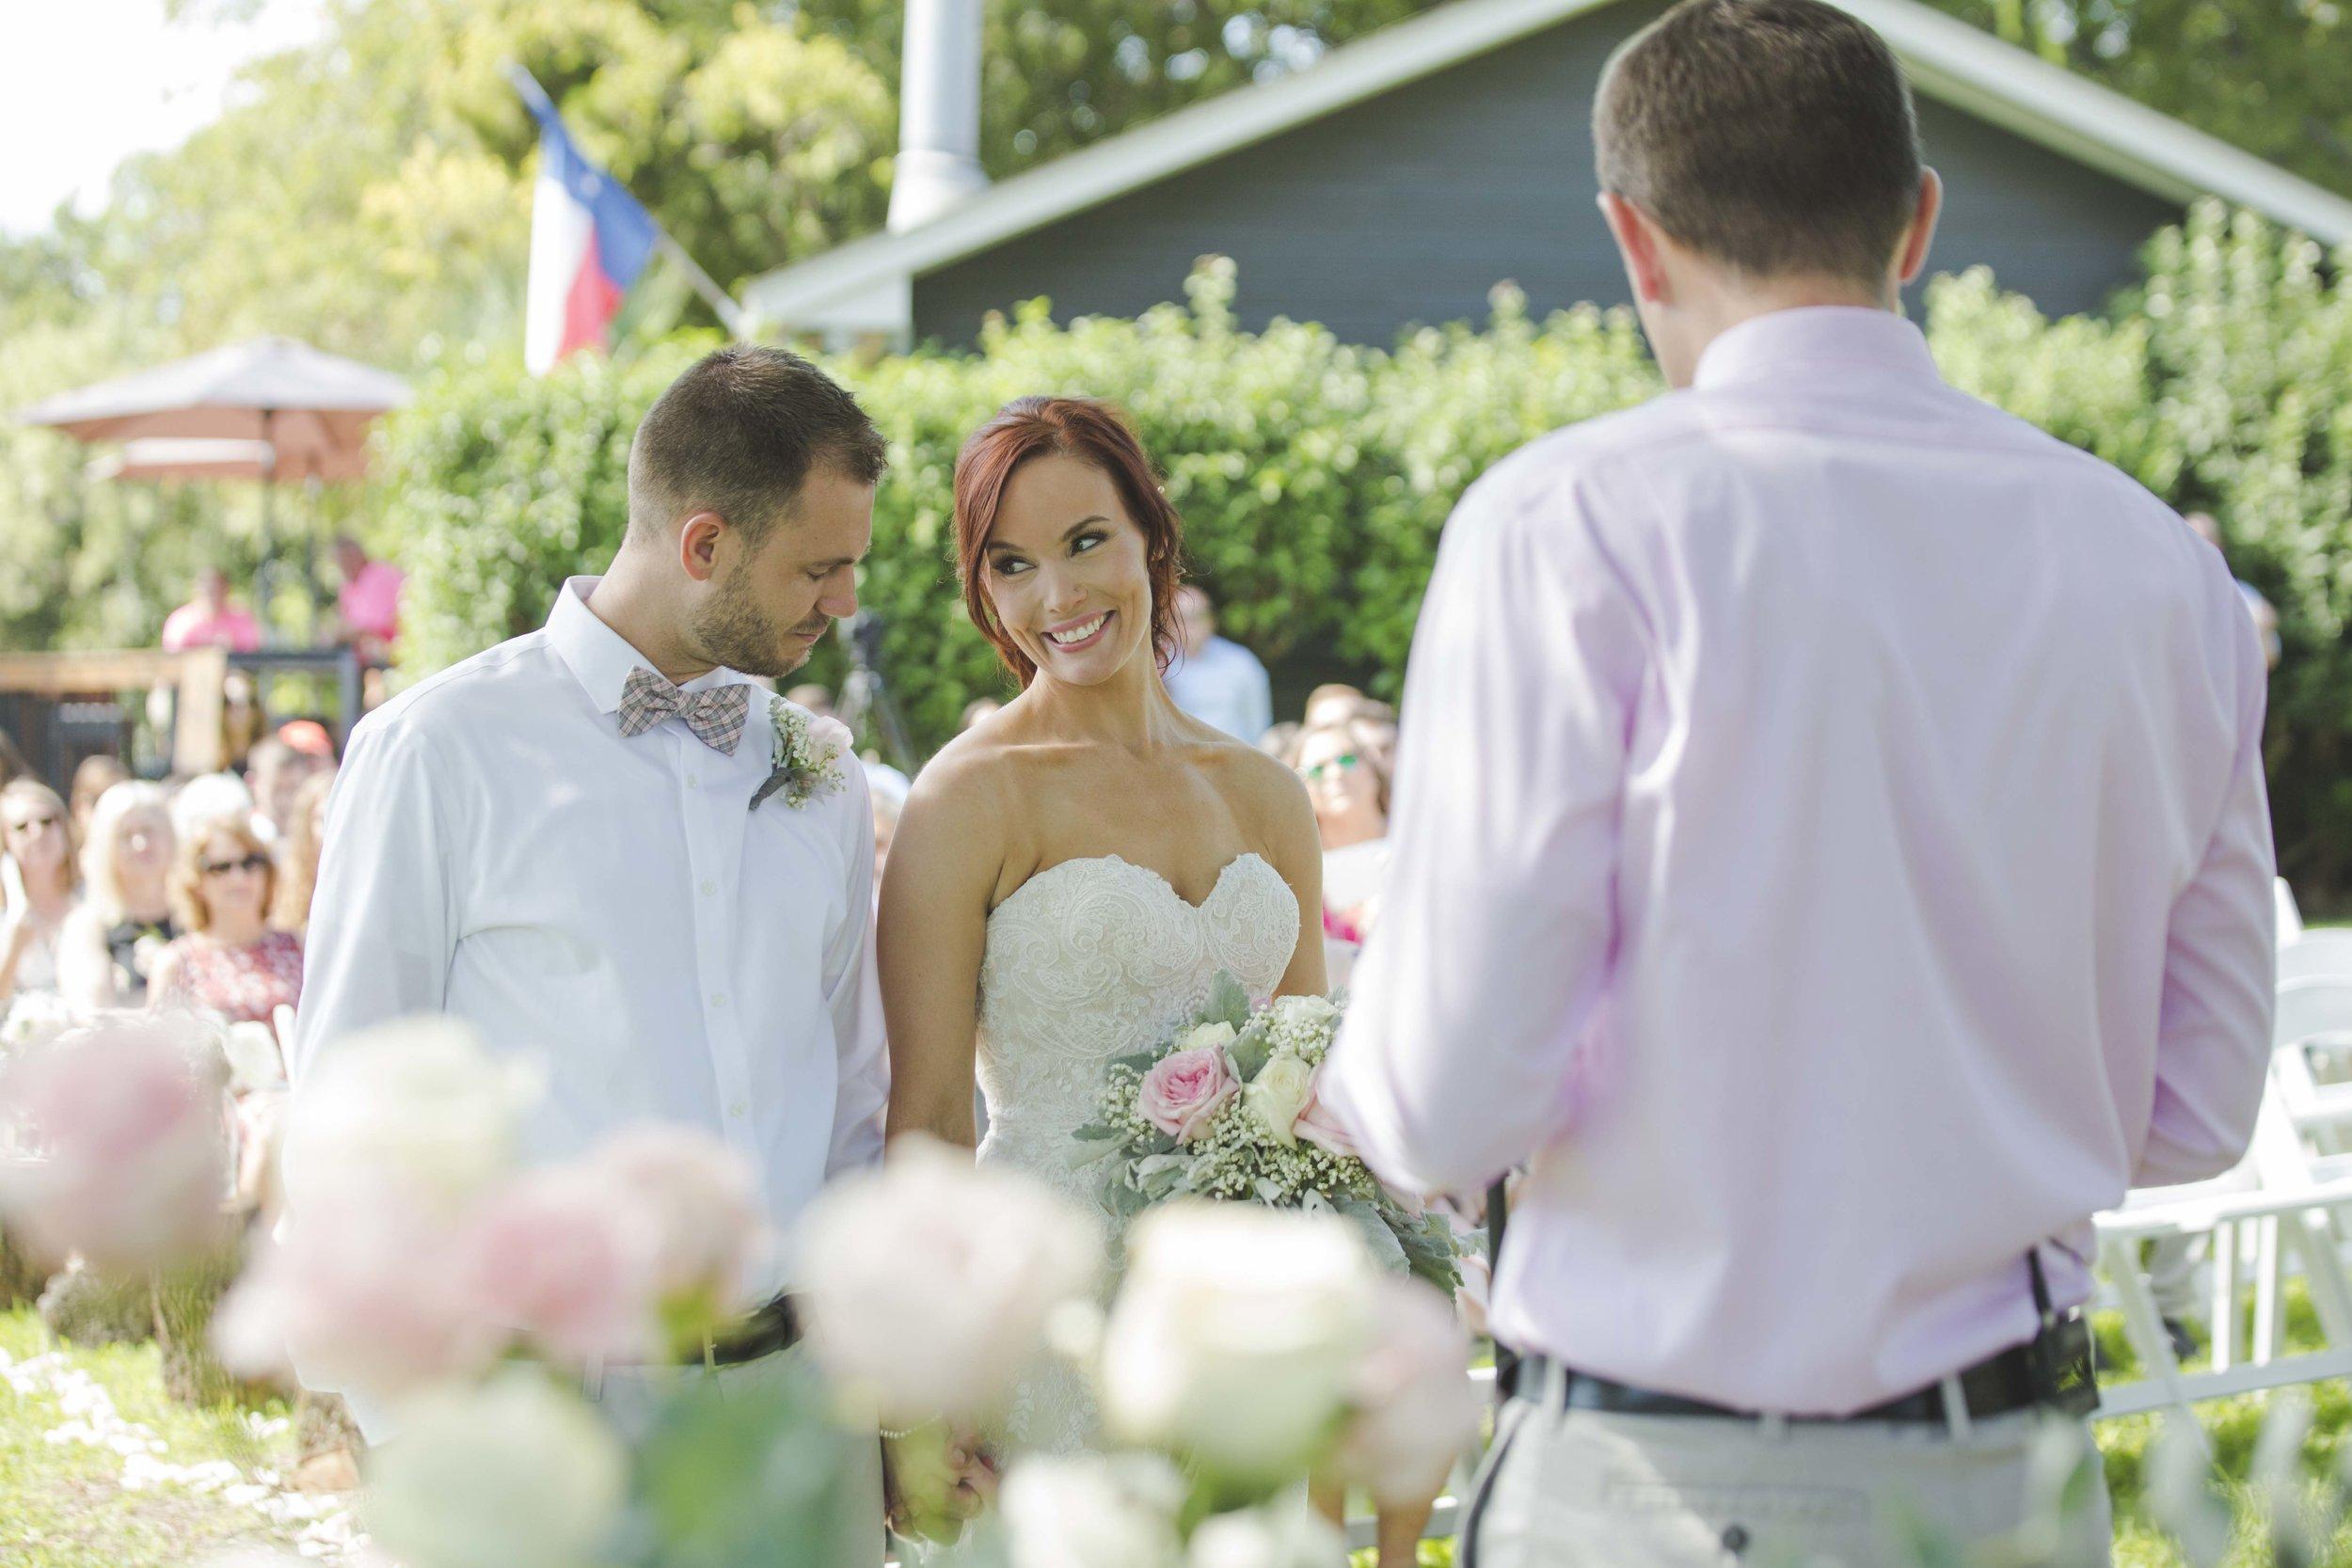 ATGI_Susanna & Matt Wedding_717A7636.jpg